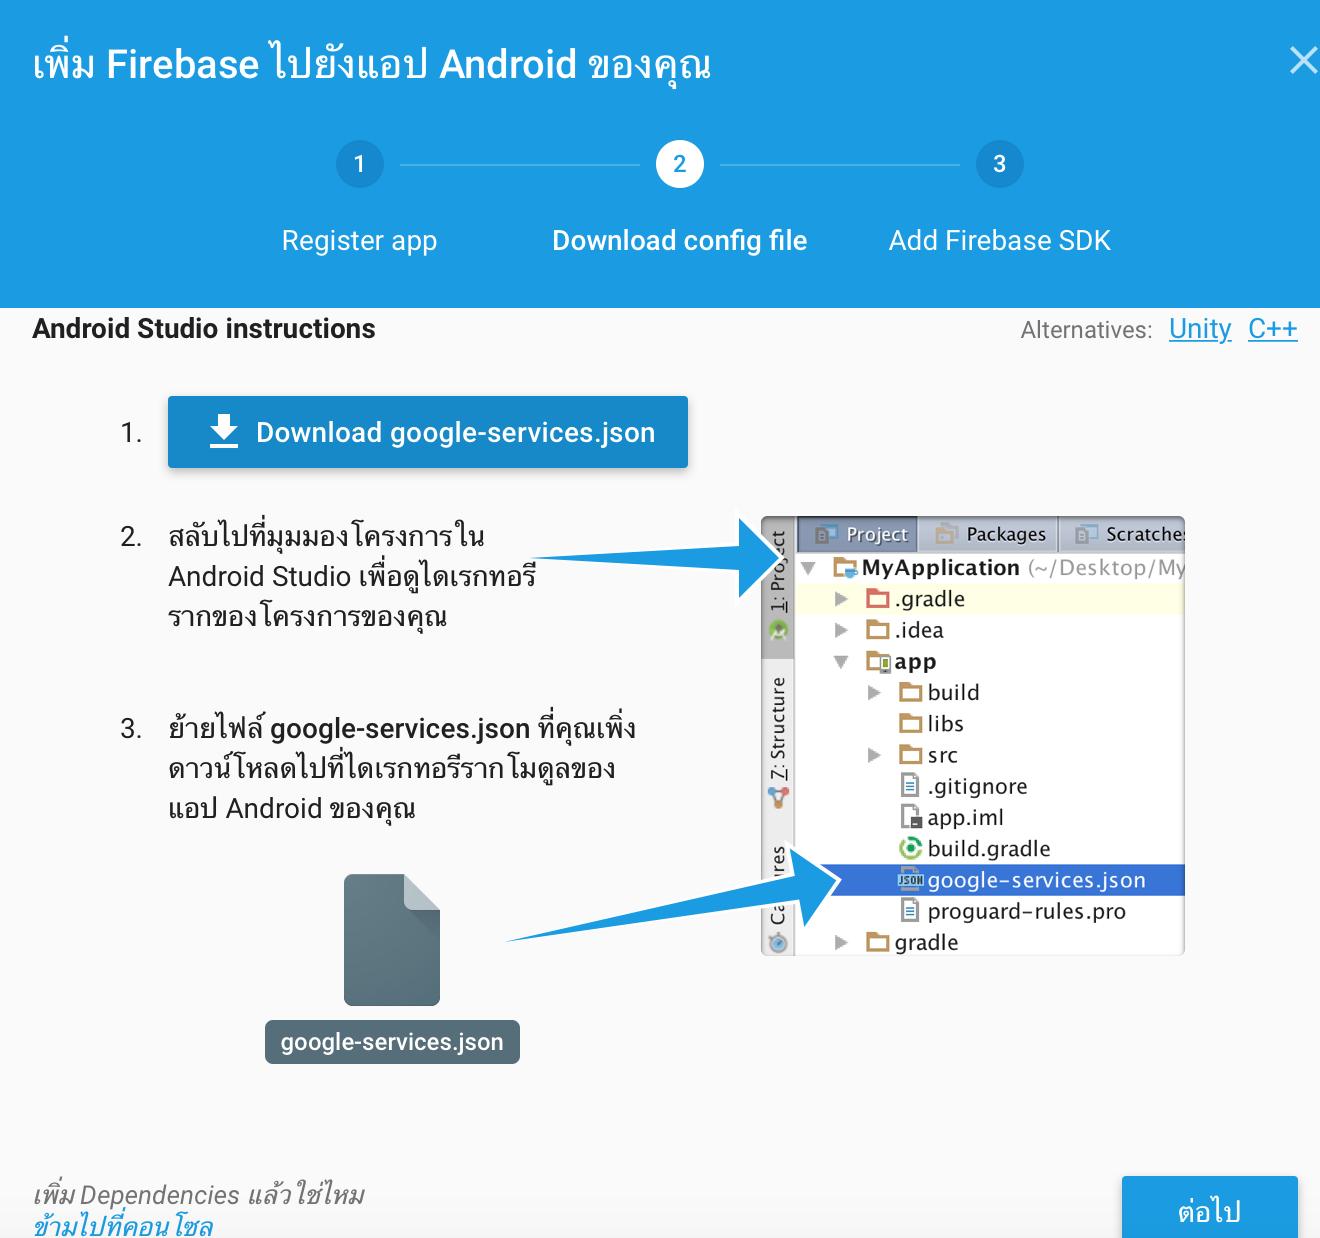 สร้างโปรเจค-Firebase